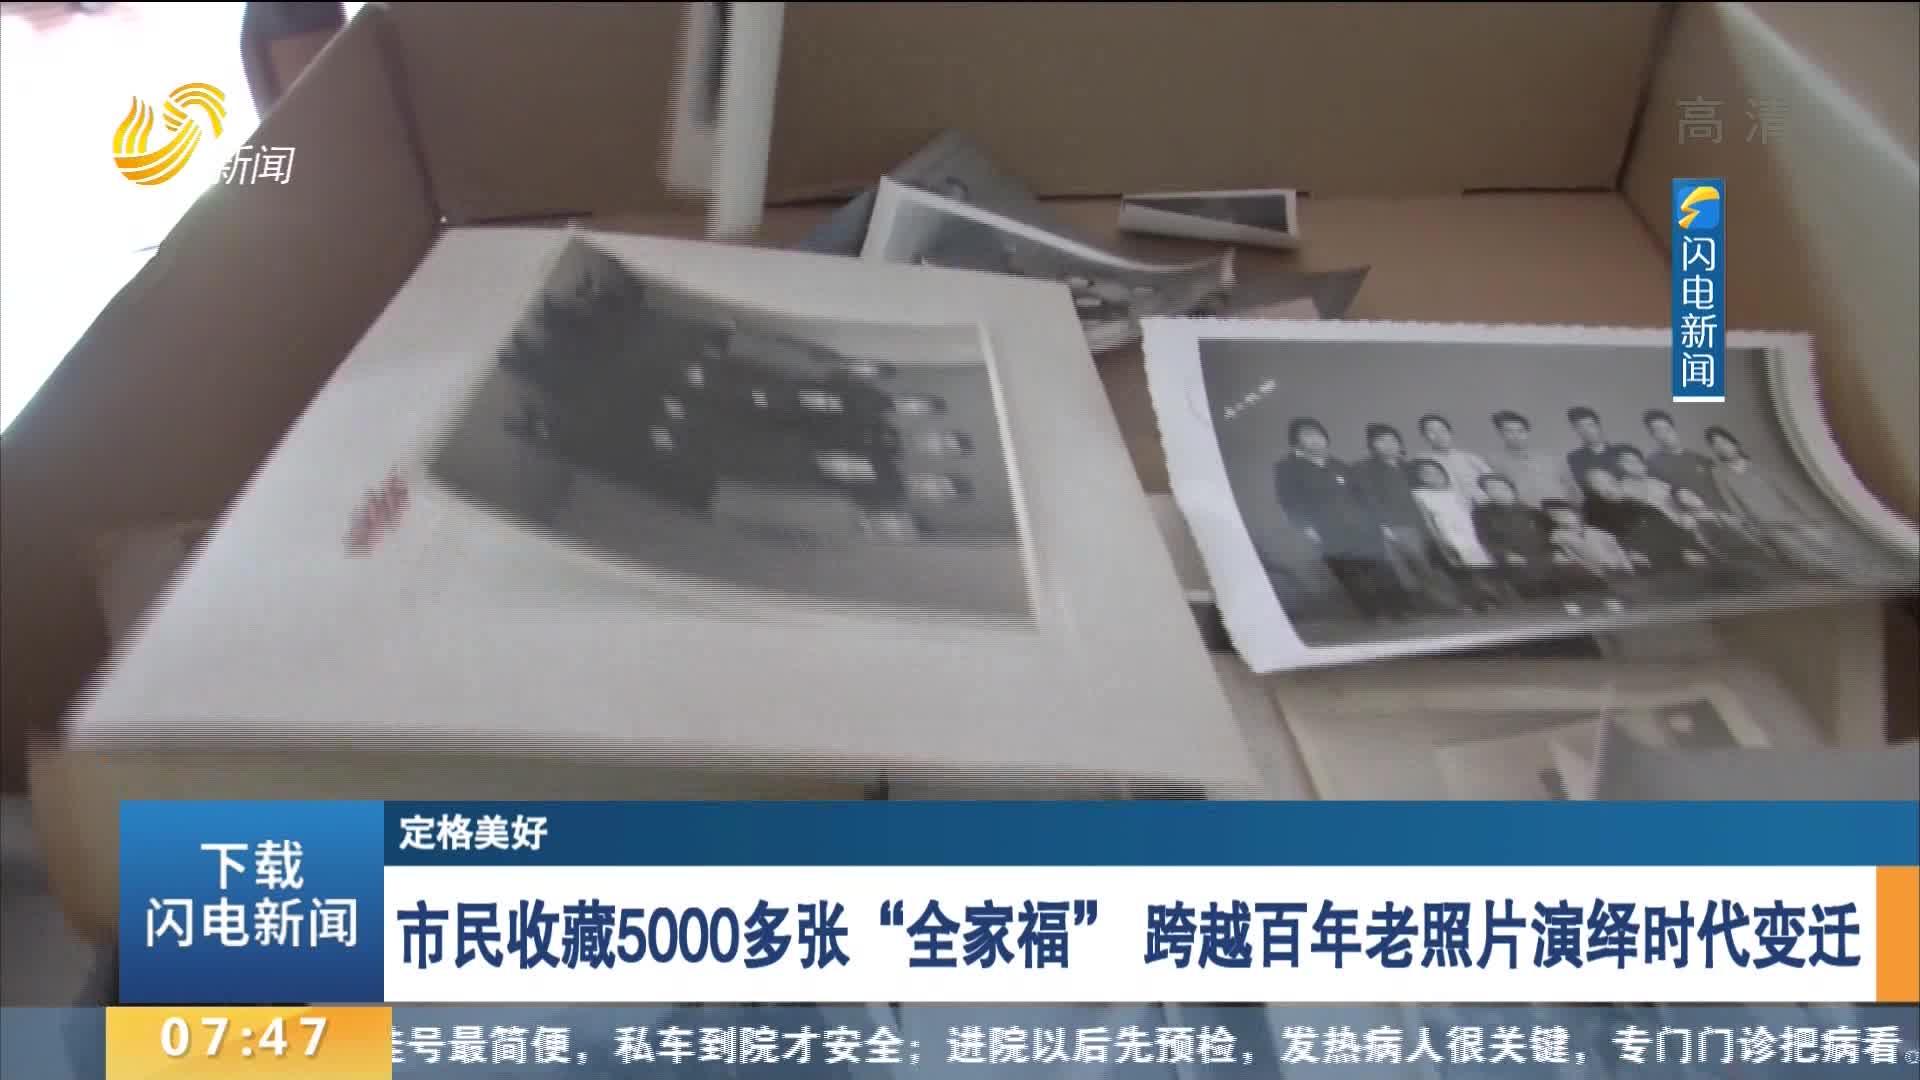 """【定格美好】市民保藏5000多张""""全家福"""" 跨越百年老照片演绎时代变迁"""